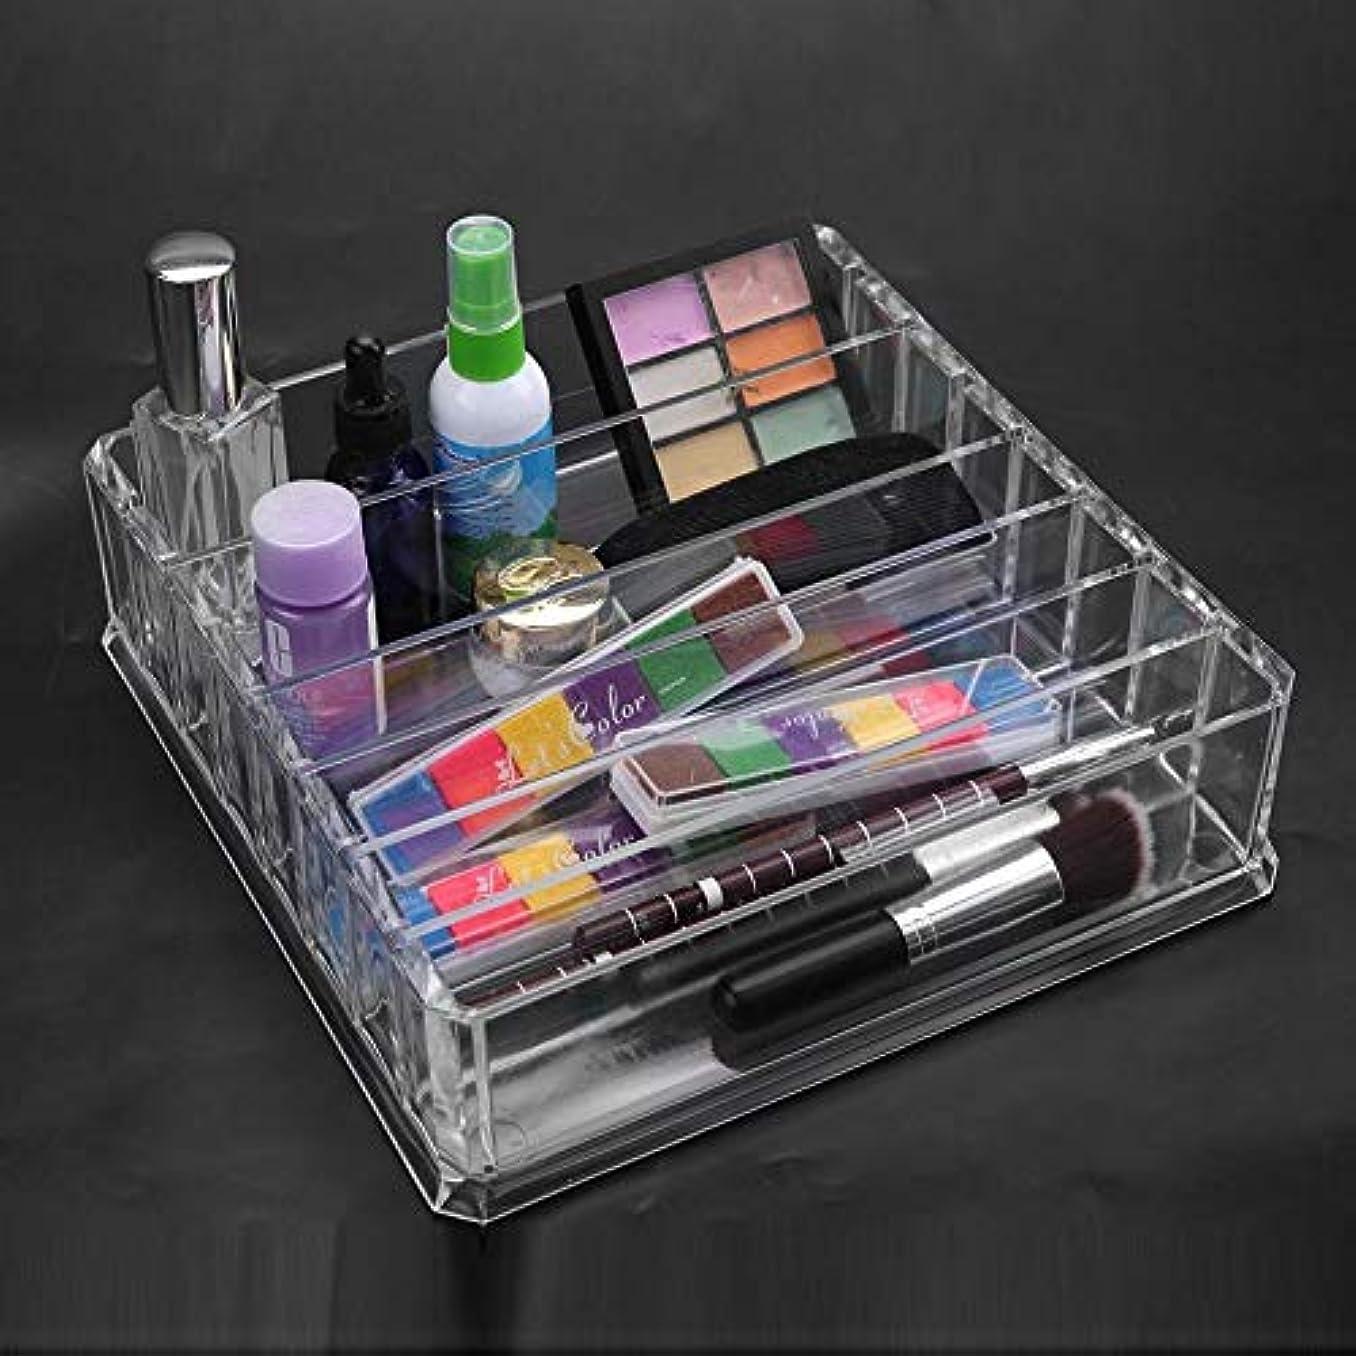 東方パイル動かすOkuguy 多機能拡張表引き出しクローゼット化粧品収納ケースホルダールームオーガナイザーL